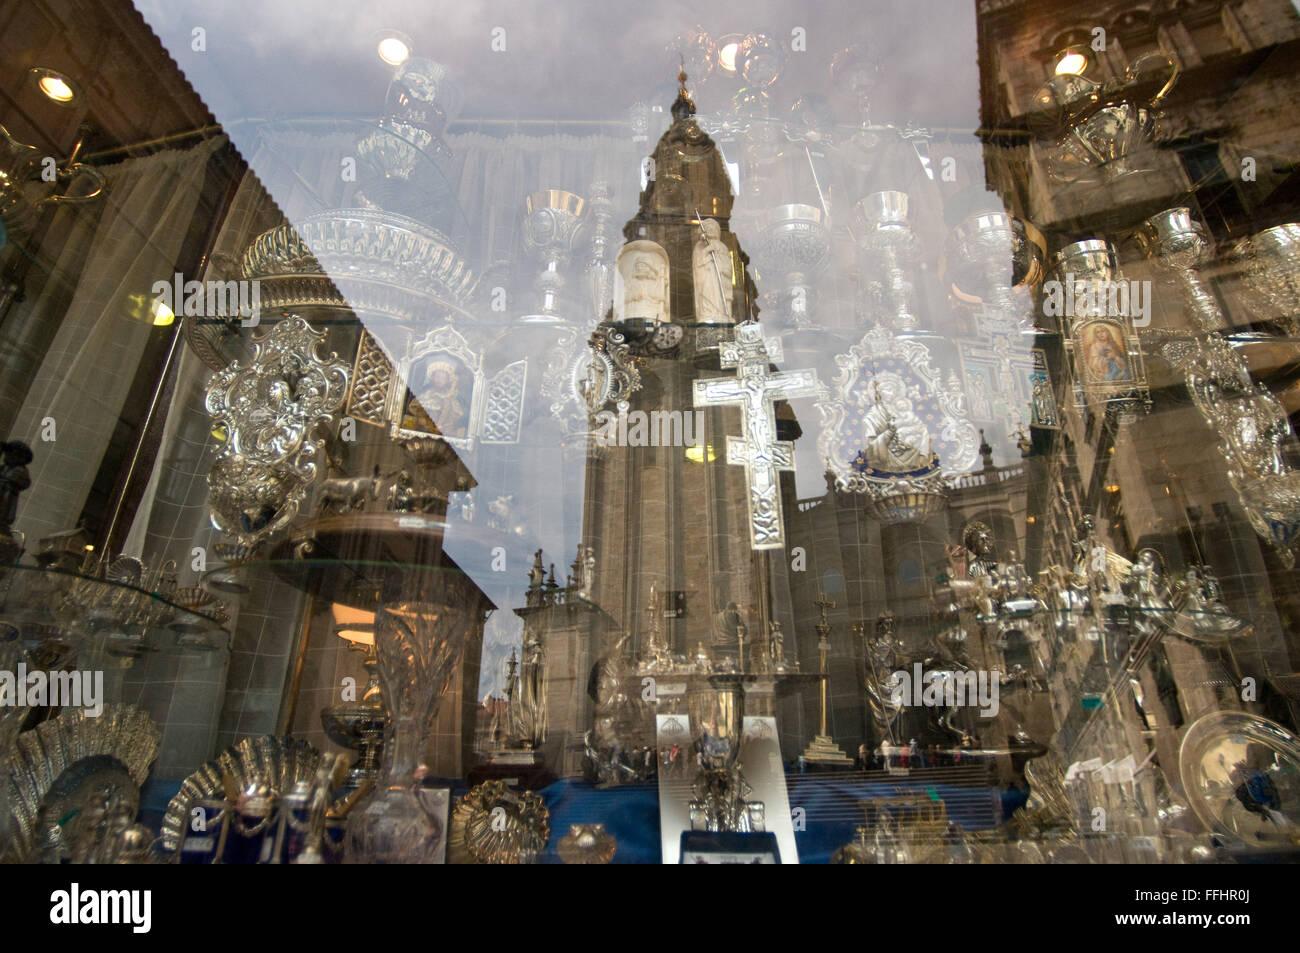 Way of St. James, Jacobean Route. Souvenir and religious objects shop. Santiago de Compostela. St. James's Way, - Stock Image